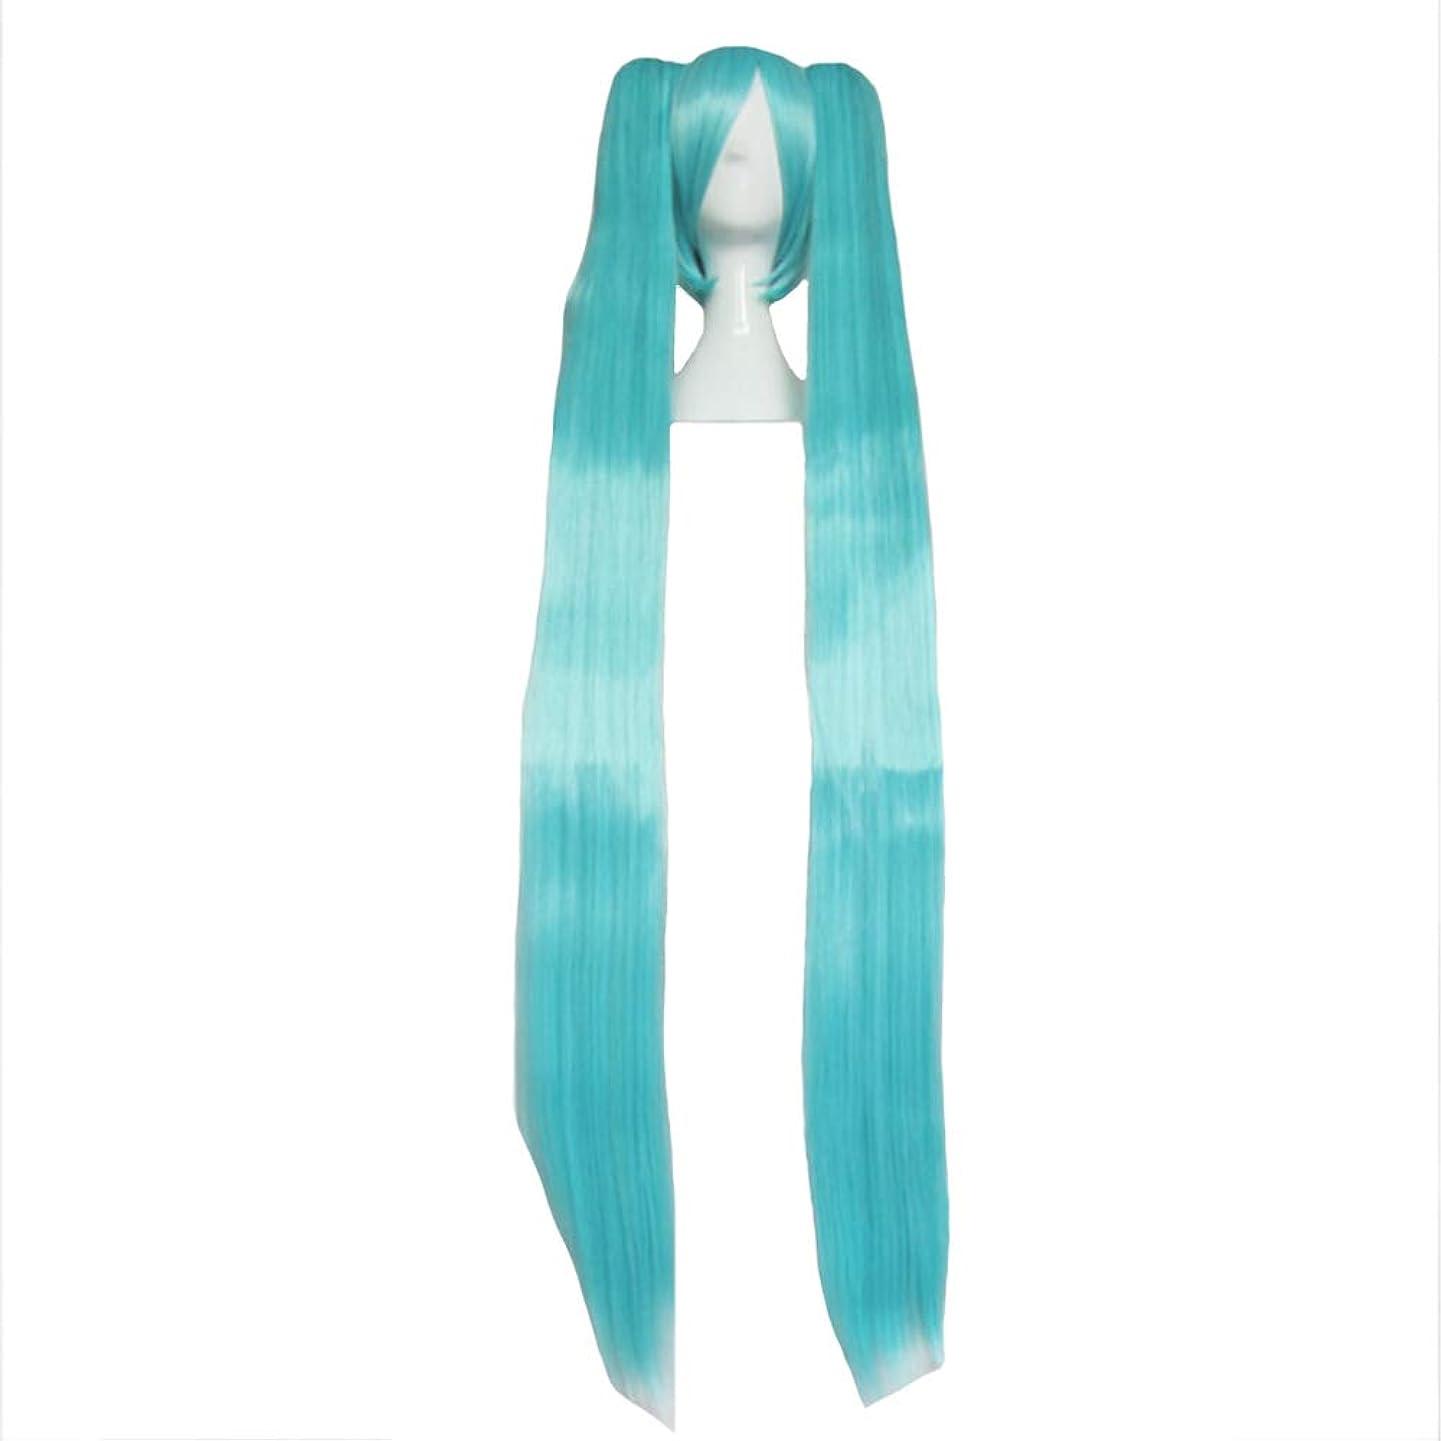 スラダム北米先例かつら - ファッションシンプルな長いストレート高温のシルクかつら2つの髪の毛自然な柔らかく耐熱性役割を果たすために適してハロウィンのダンスは自由に形を整えるために青120cm (色 : 青, サイズ さいず : 120cm)